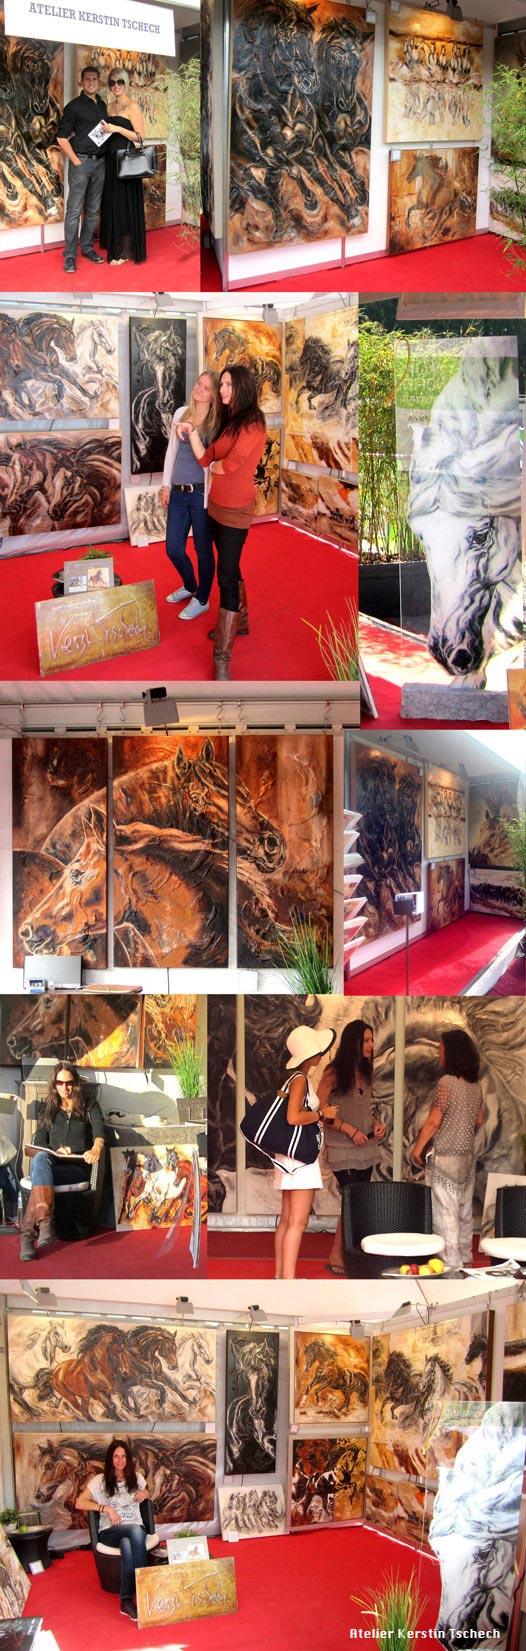 FEI World Equestrian Games Kerstin Tschech